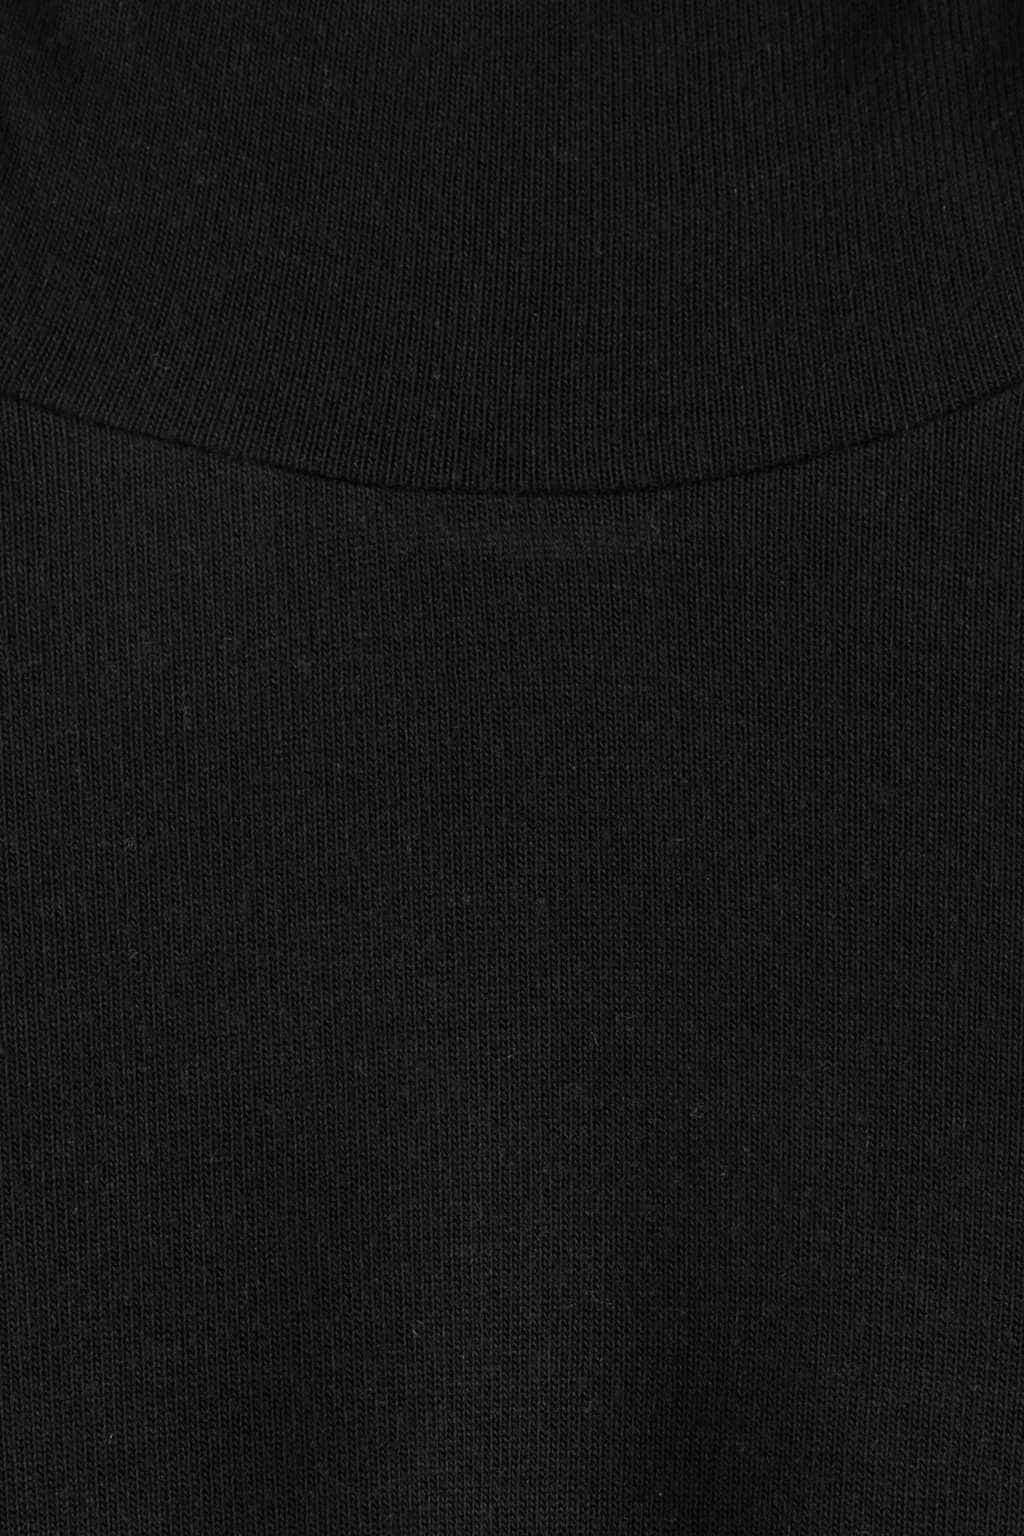 TShirt 2590 Black 14